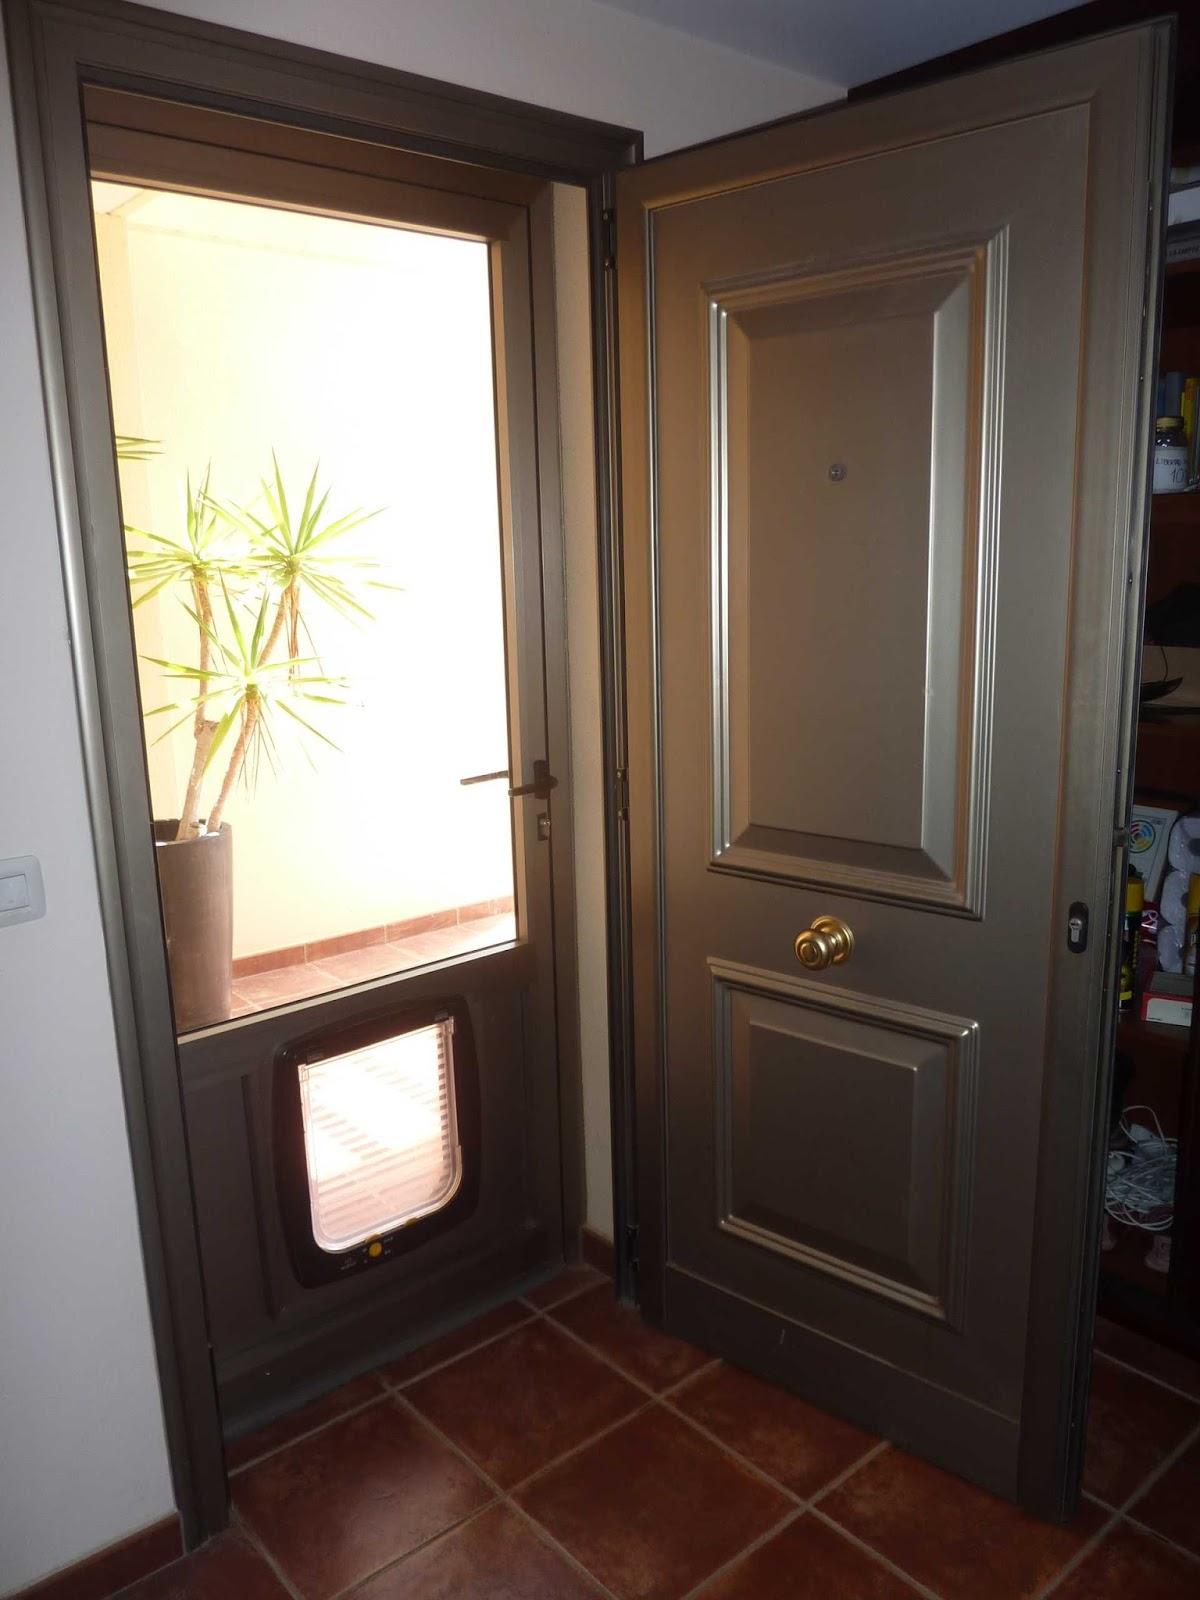 Puertas de aluminio baratas para bao y para exterior for Puertas exterior aluminio baratas